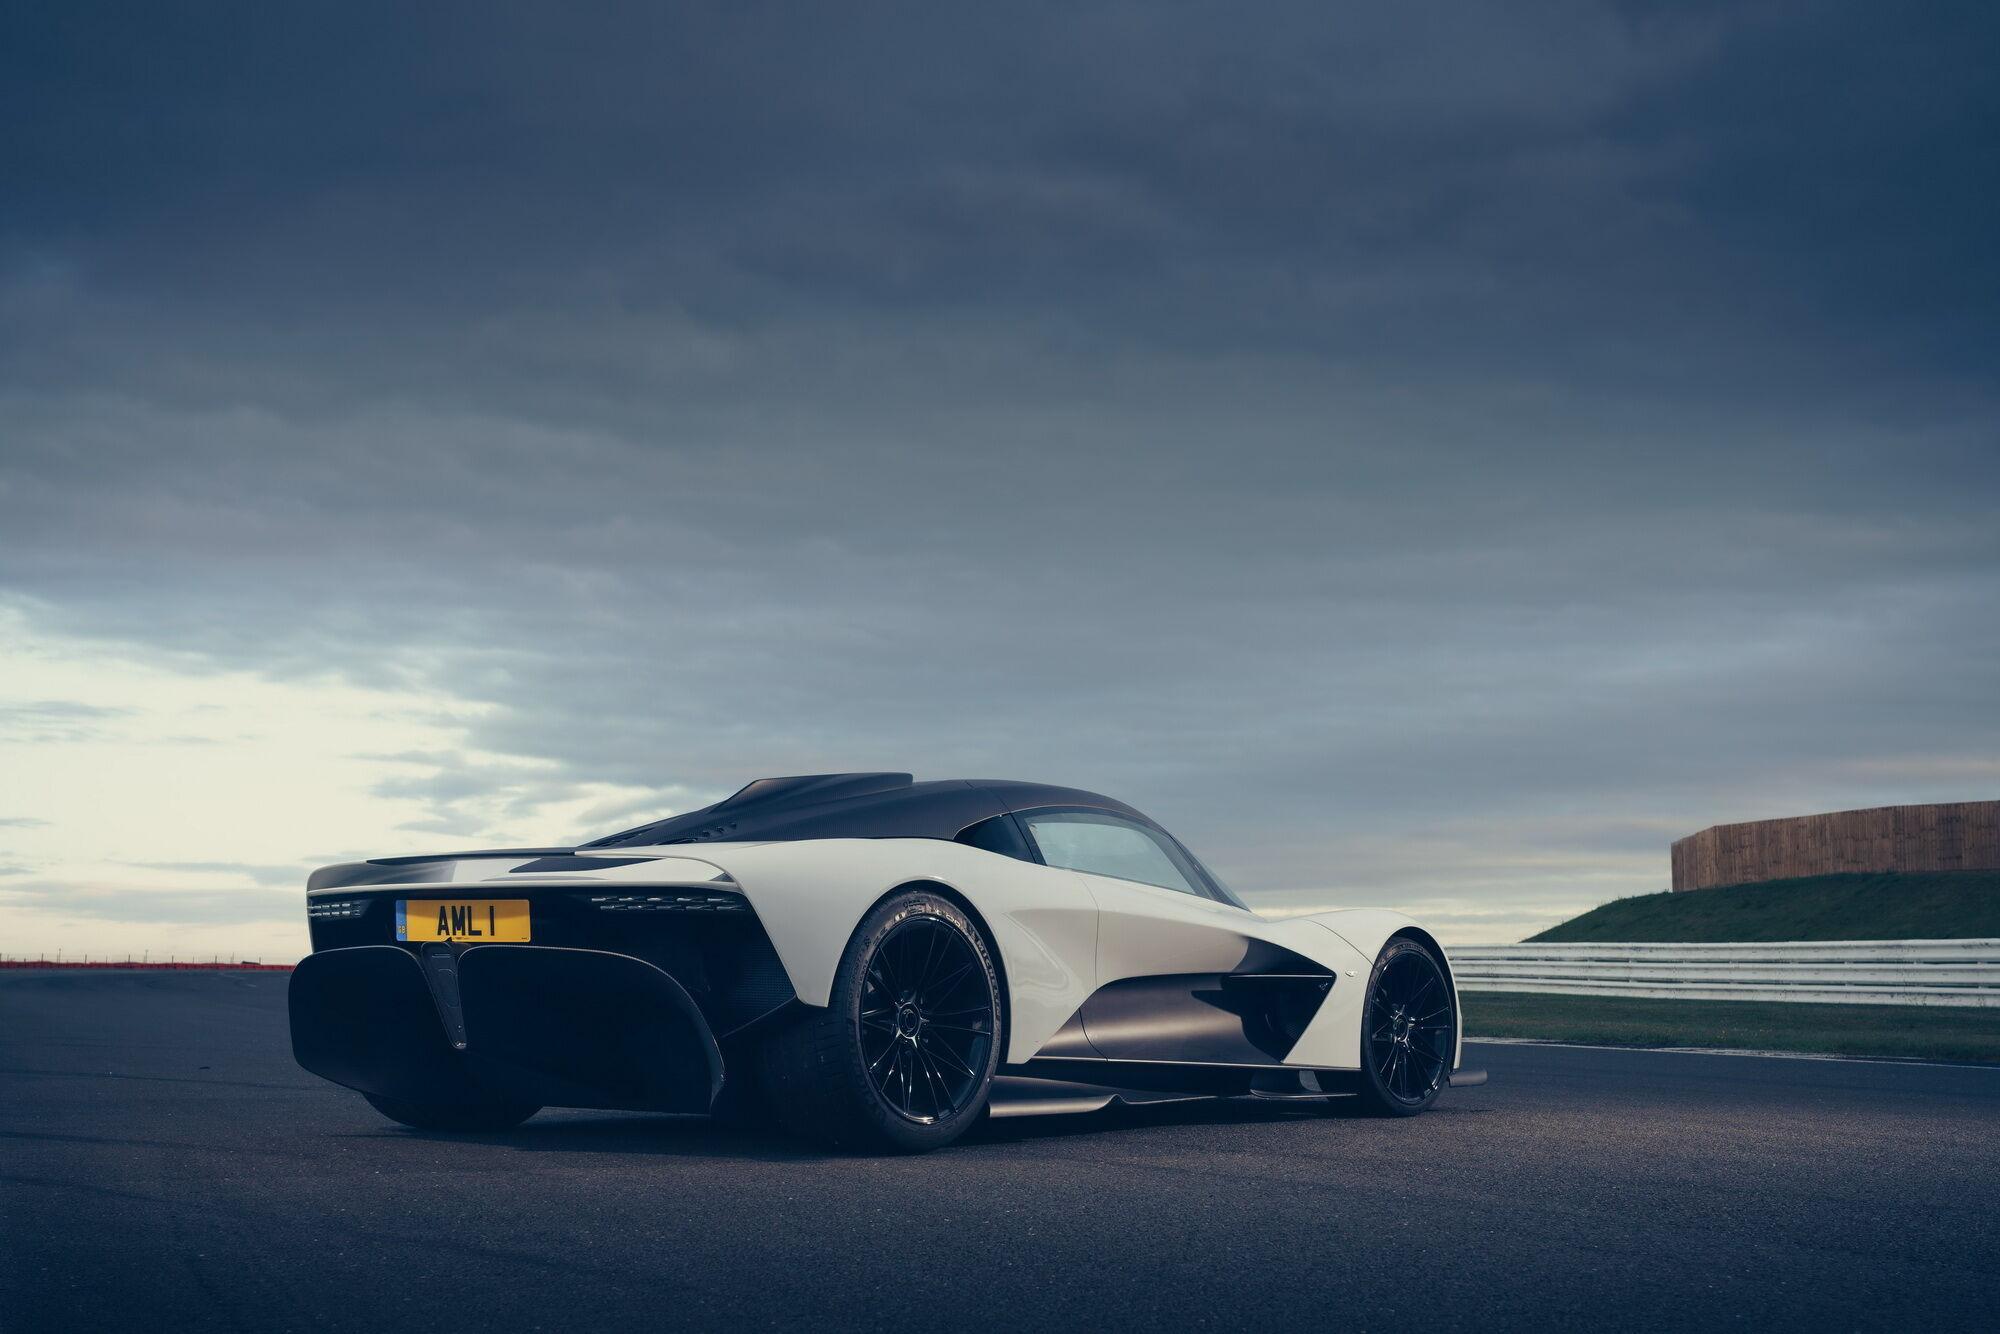 В планах Aston Martin к 2030 году превратить 90% всей своей продукции в гибриды и электромобили